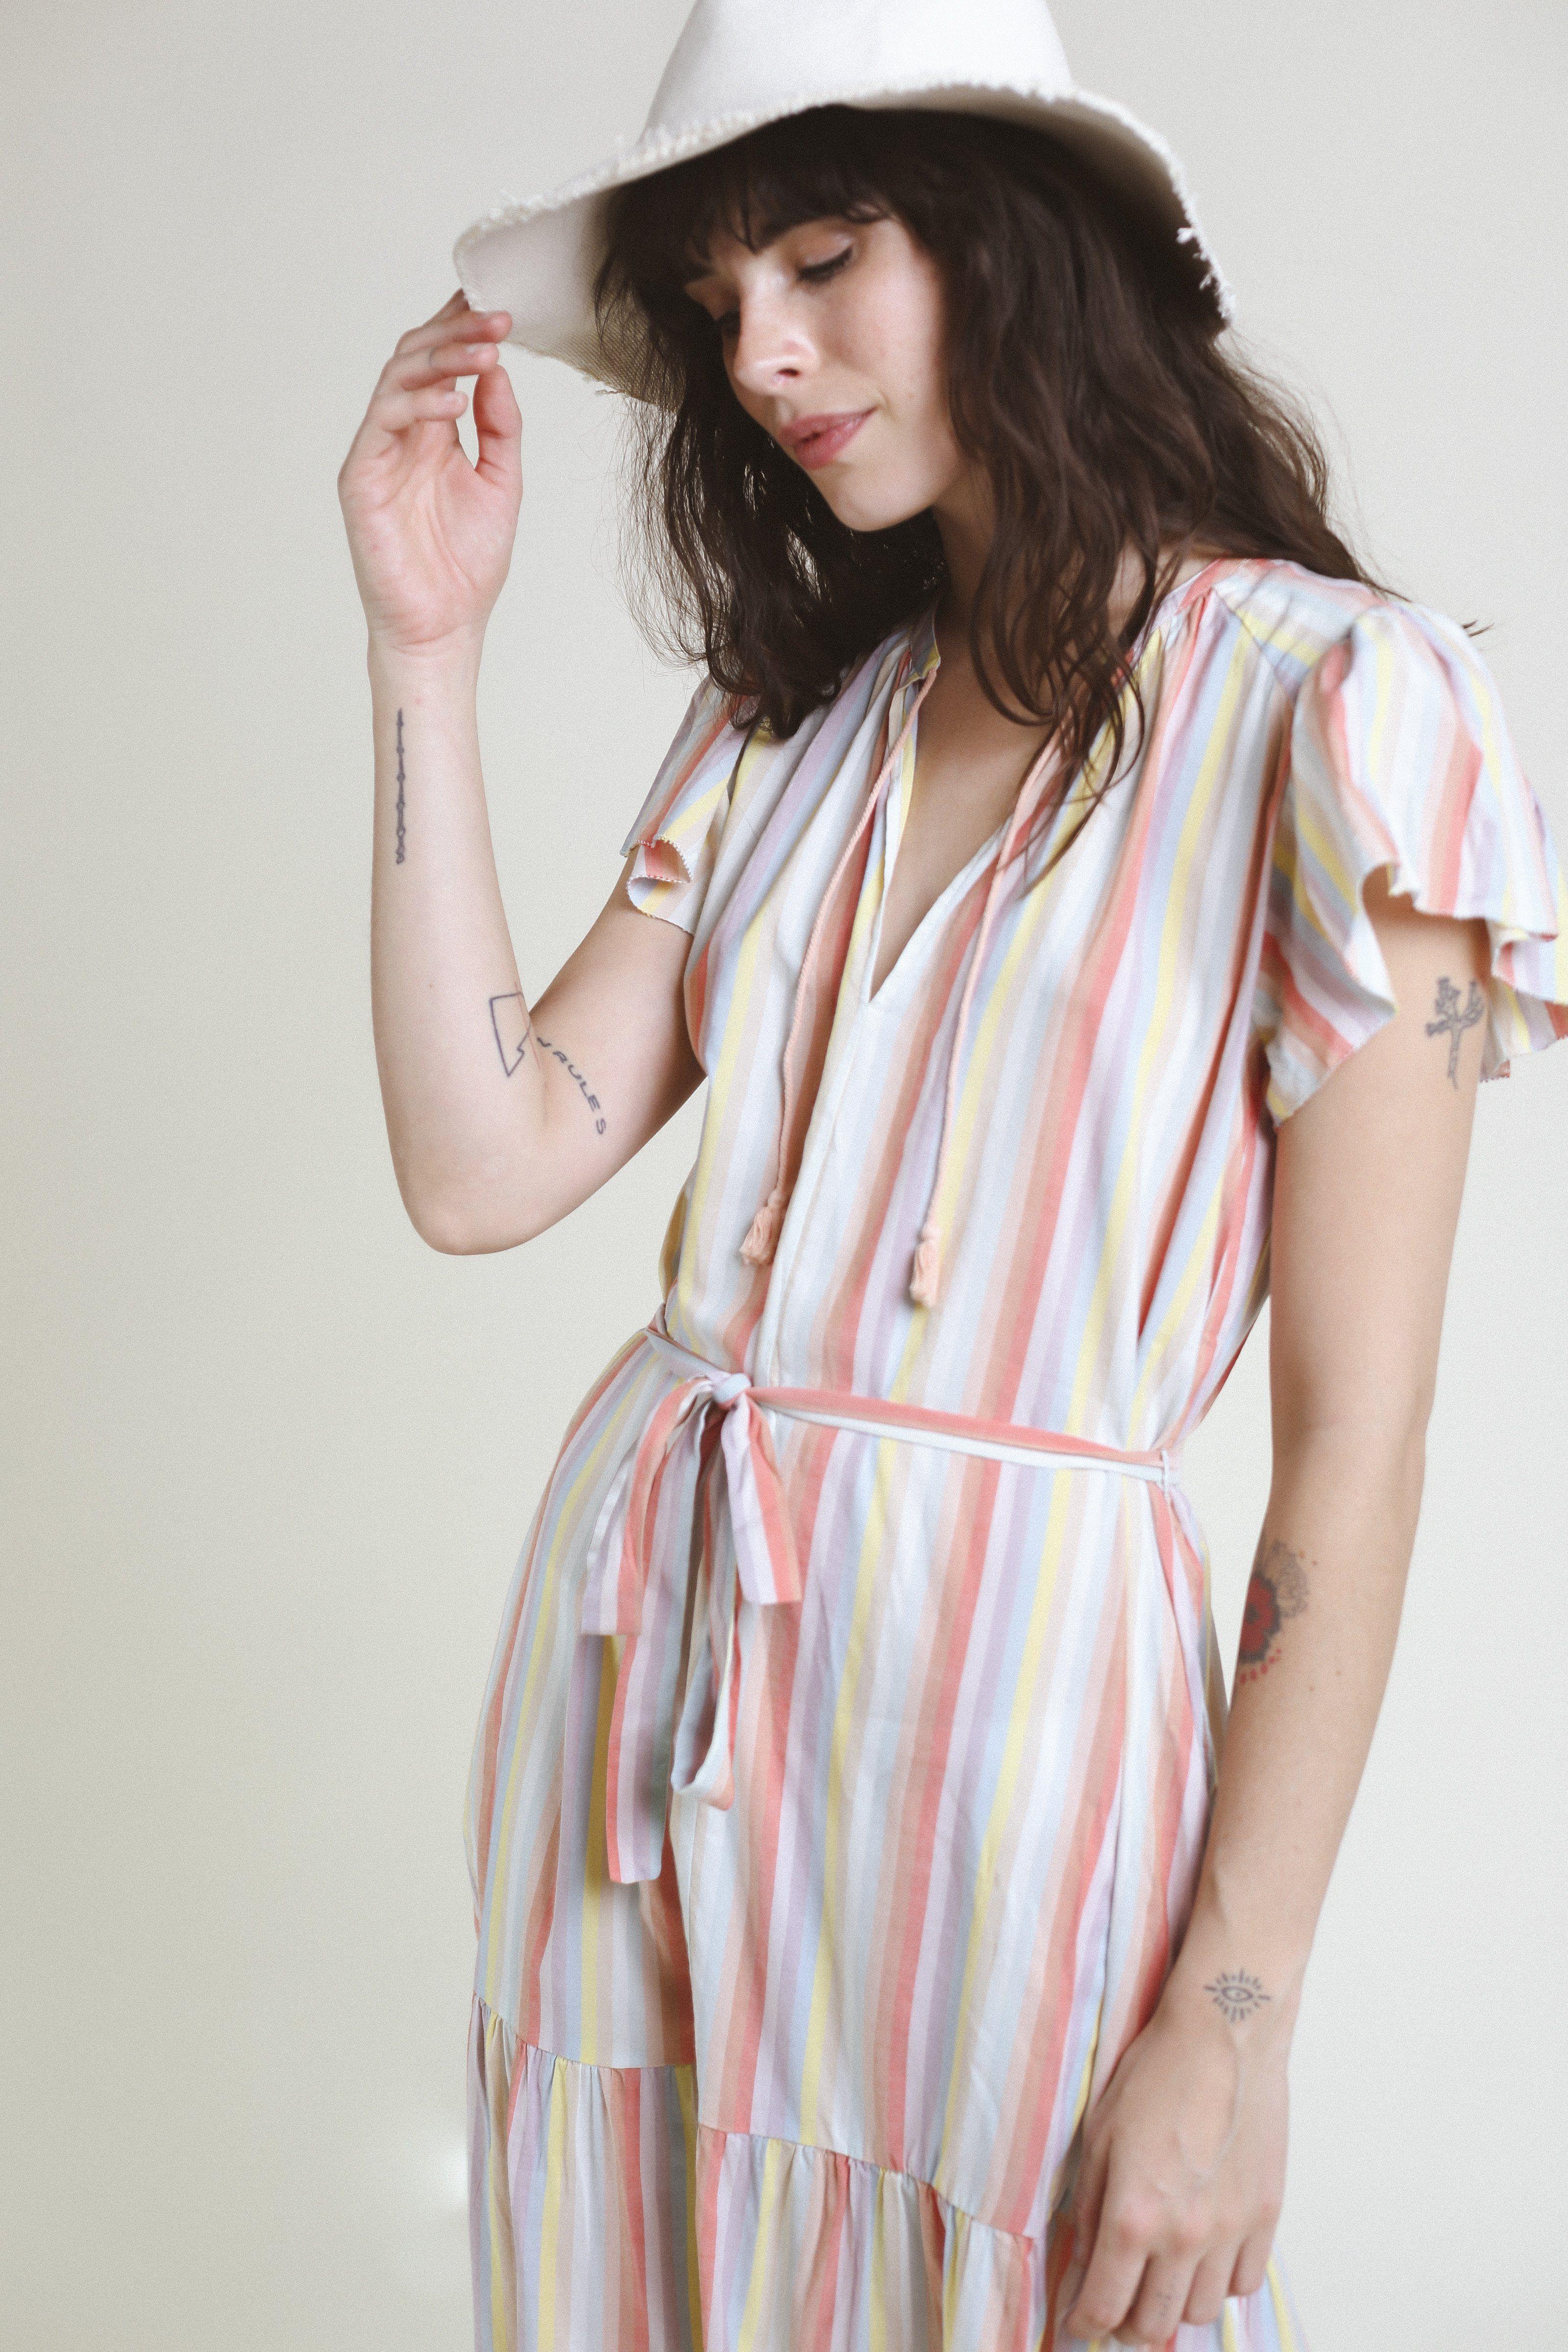 Emery S/S Bohemian Dress RAINBOW STRIPE by Trovata - 3